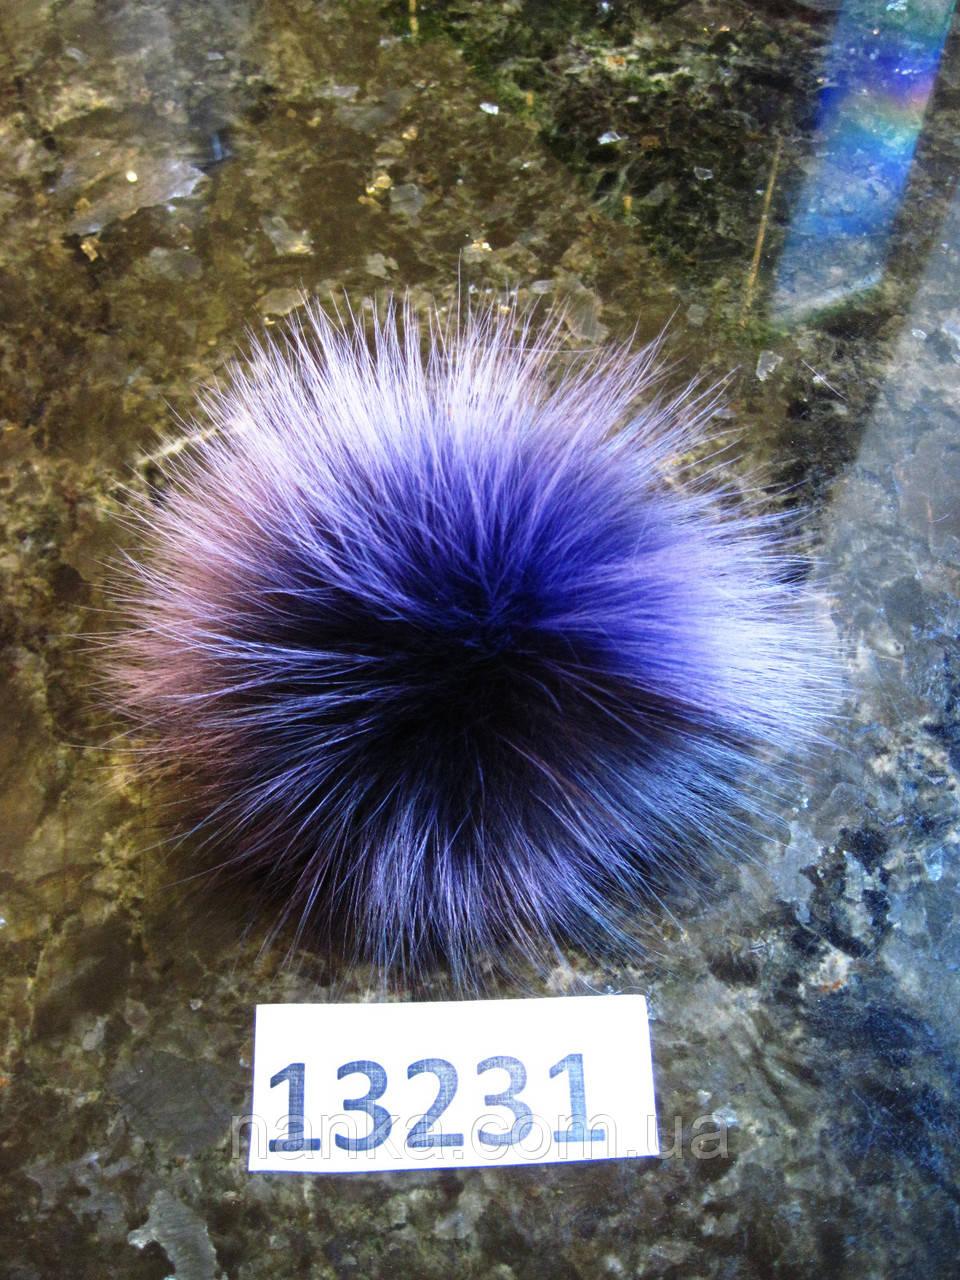 Меховой помпон Чернобурка, Фиолет, 12 см, 13231